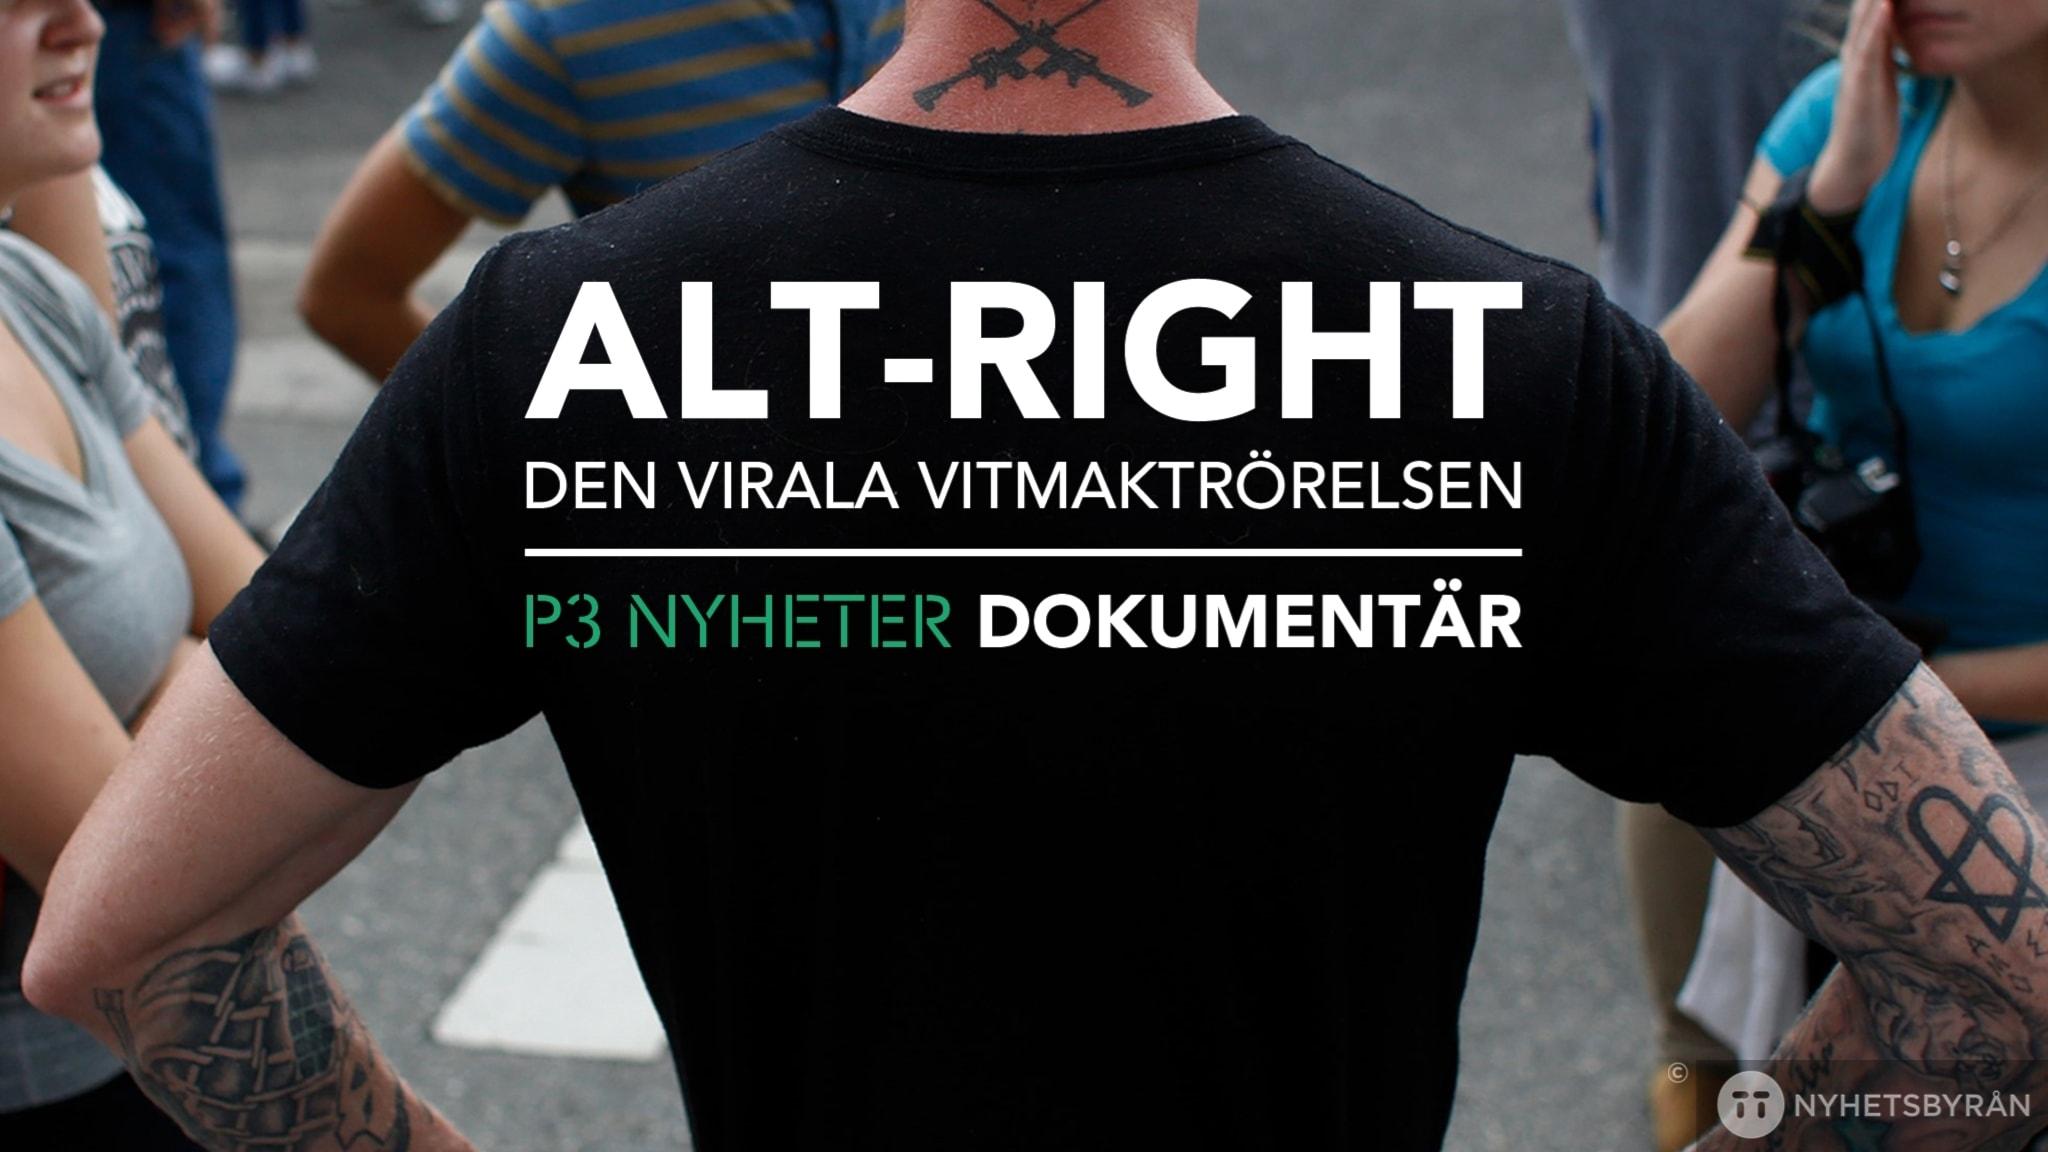 Alt-right, den virala vitmaktröelsen - P3 Nyheter Dokumentär